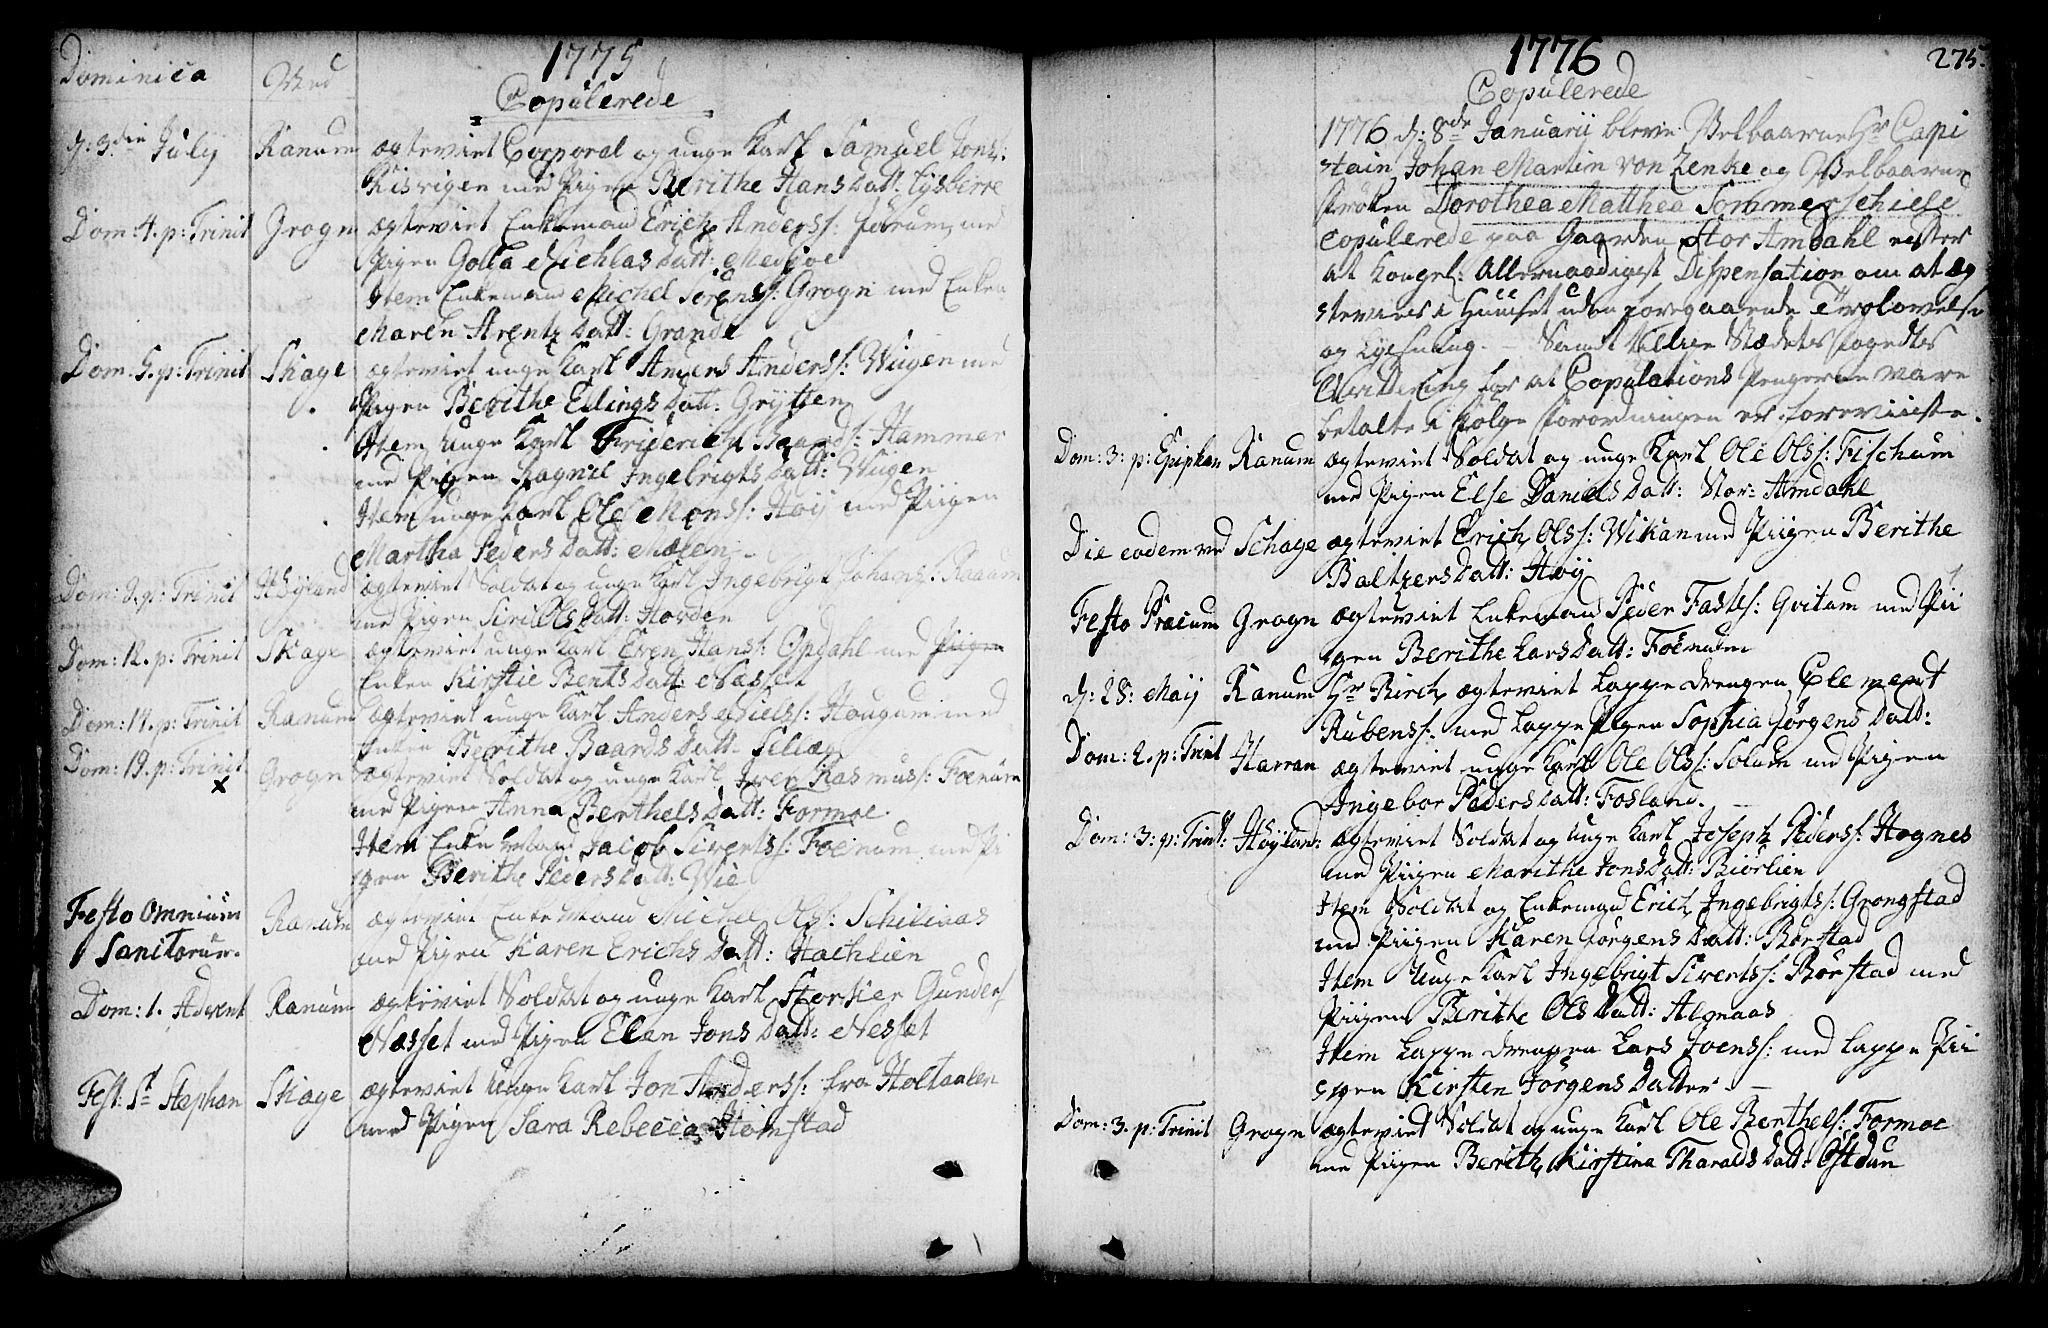 SAT, Ministerialprotokoller, klokkerbøker og fødselsregistre - Nord-Trøndelag, 764/L0542: Ministerialbok nr. 764A02, 1748-1779, s. 275